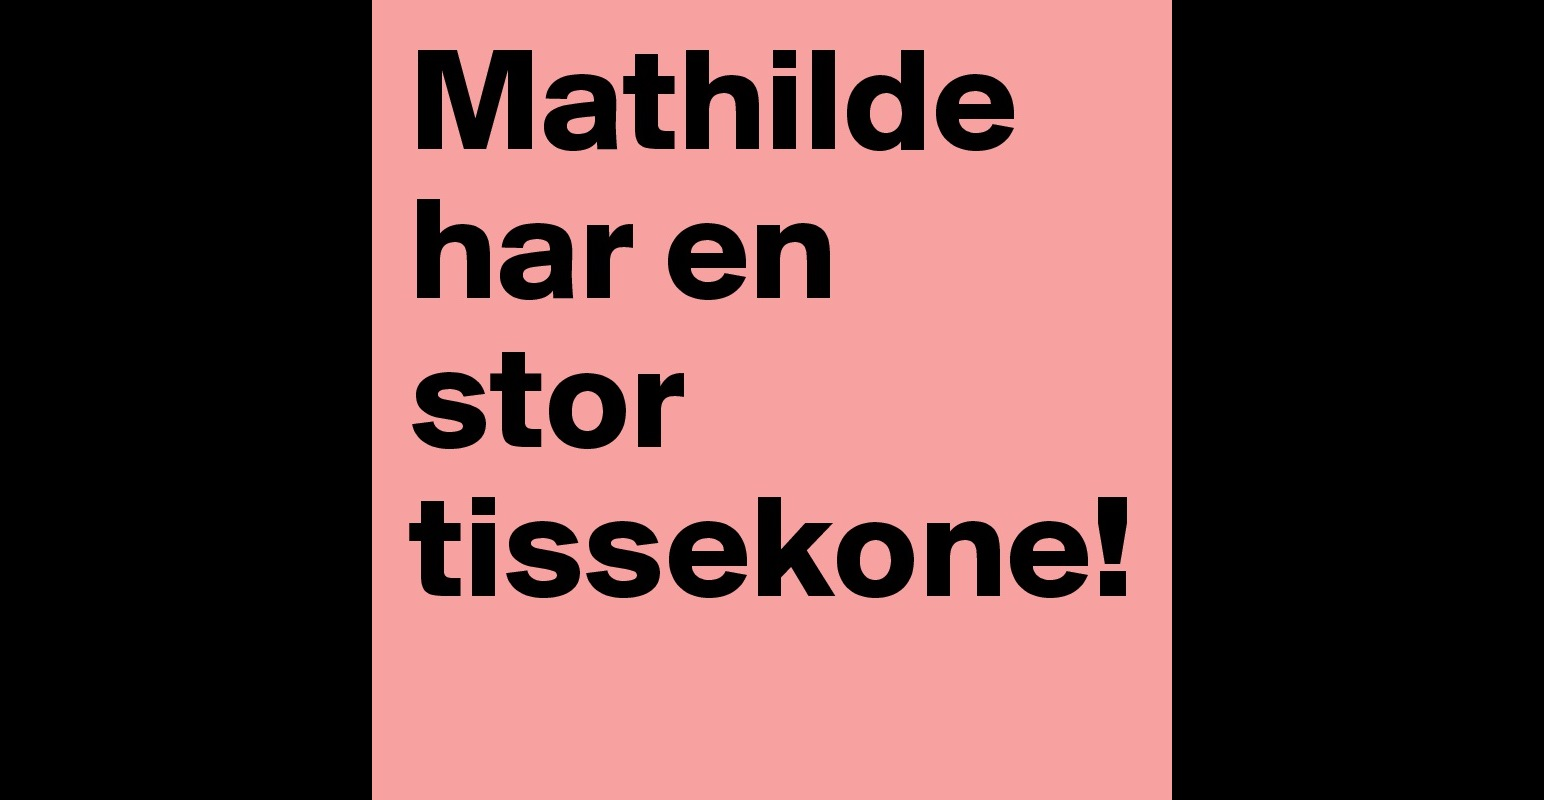 Mathilde har en stor tissekone! - Post by ___rebecca___ on